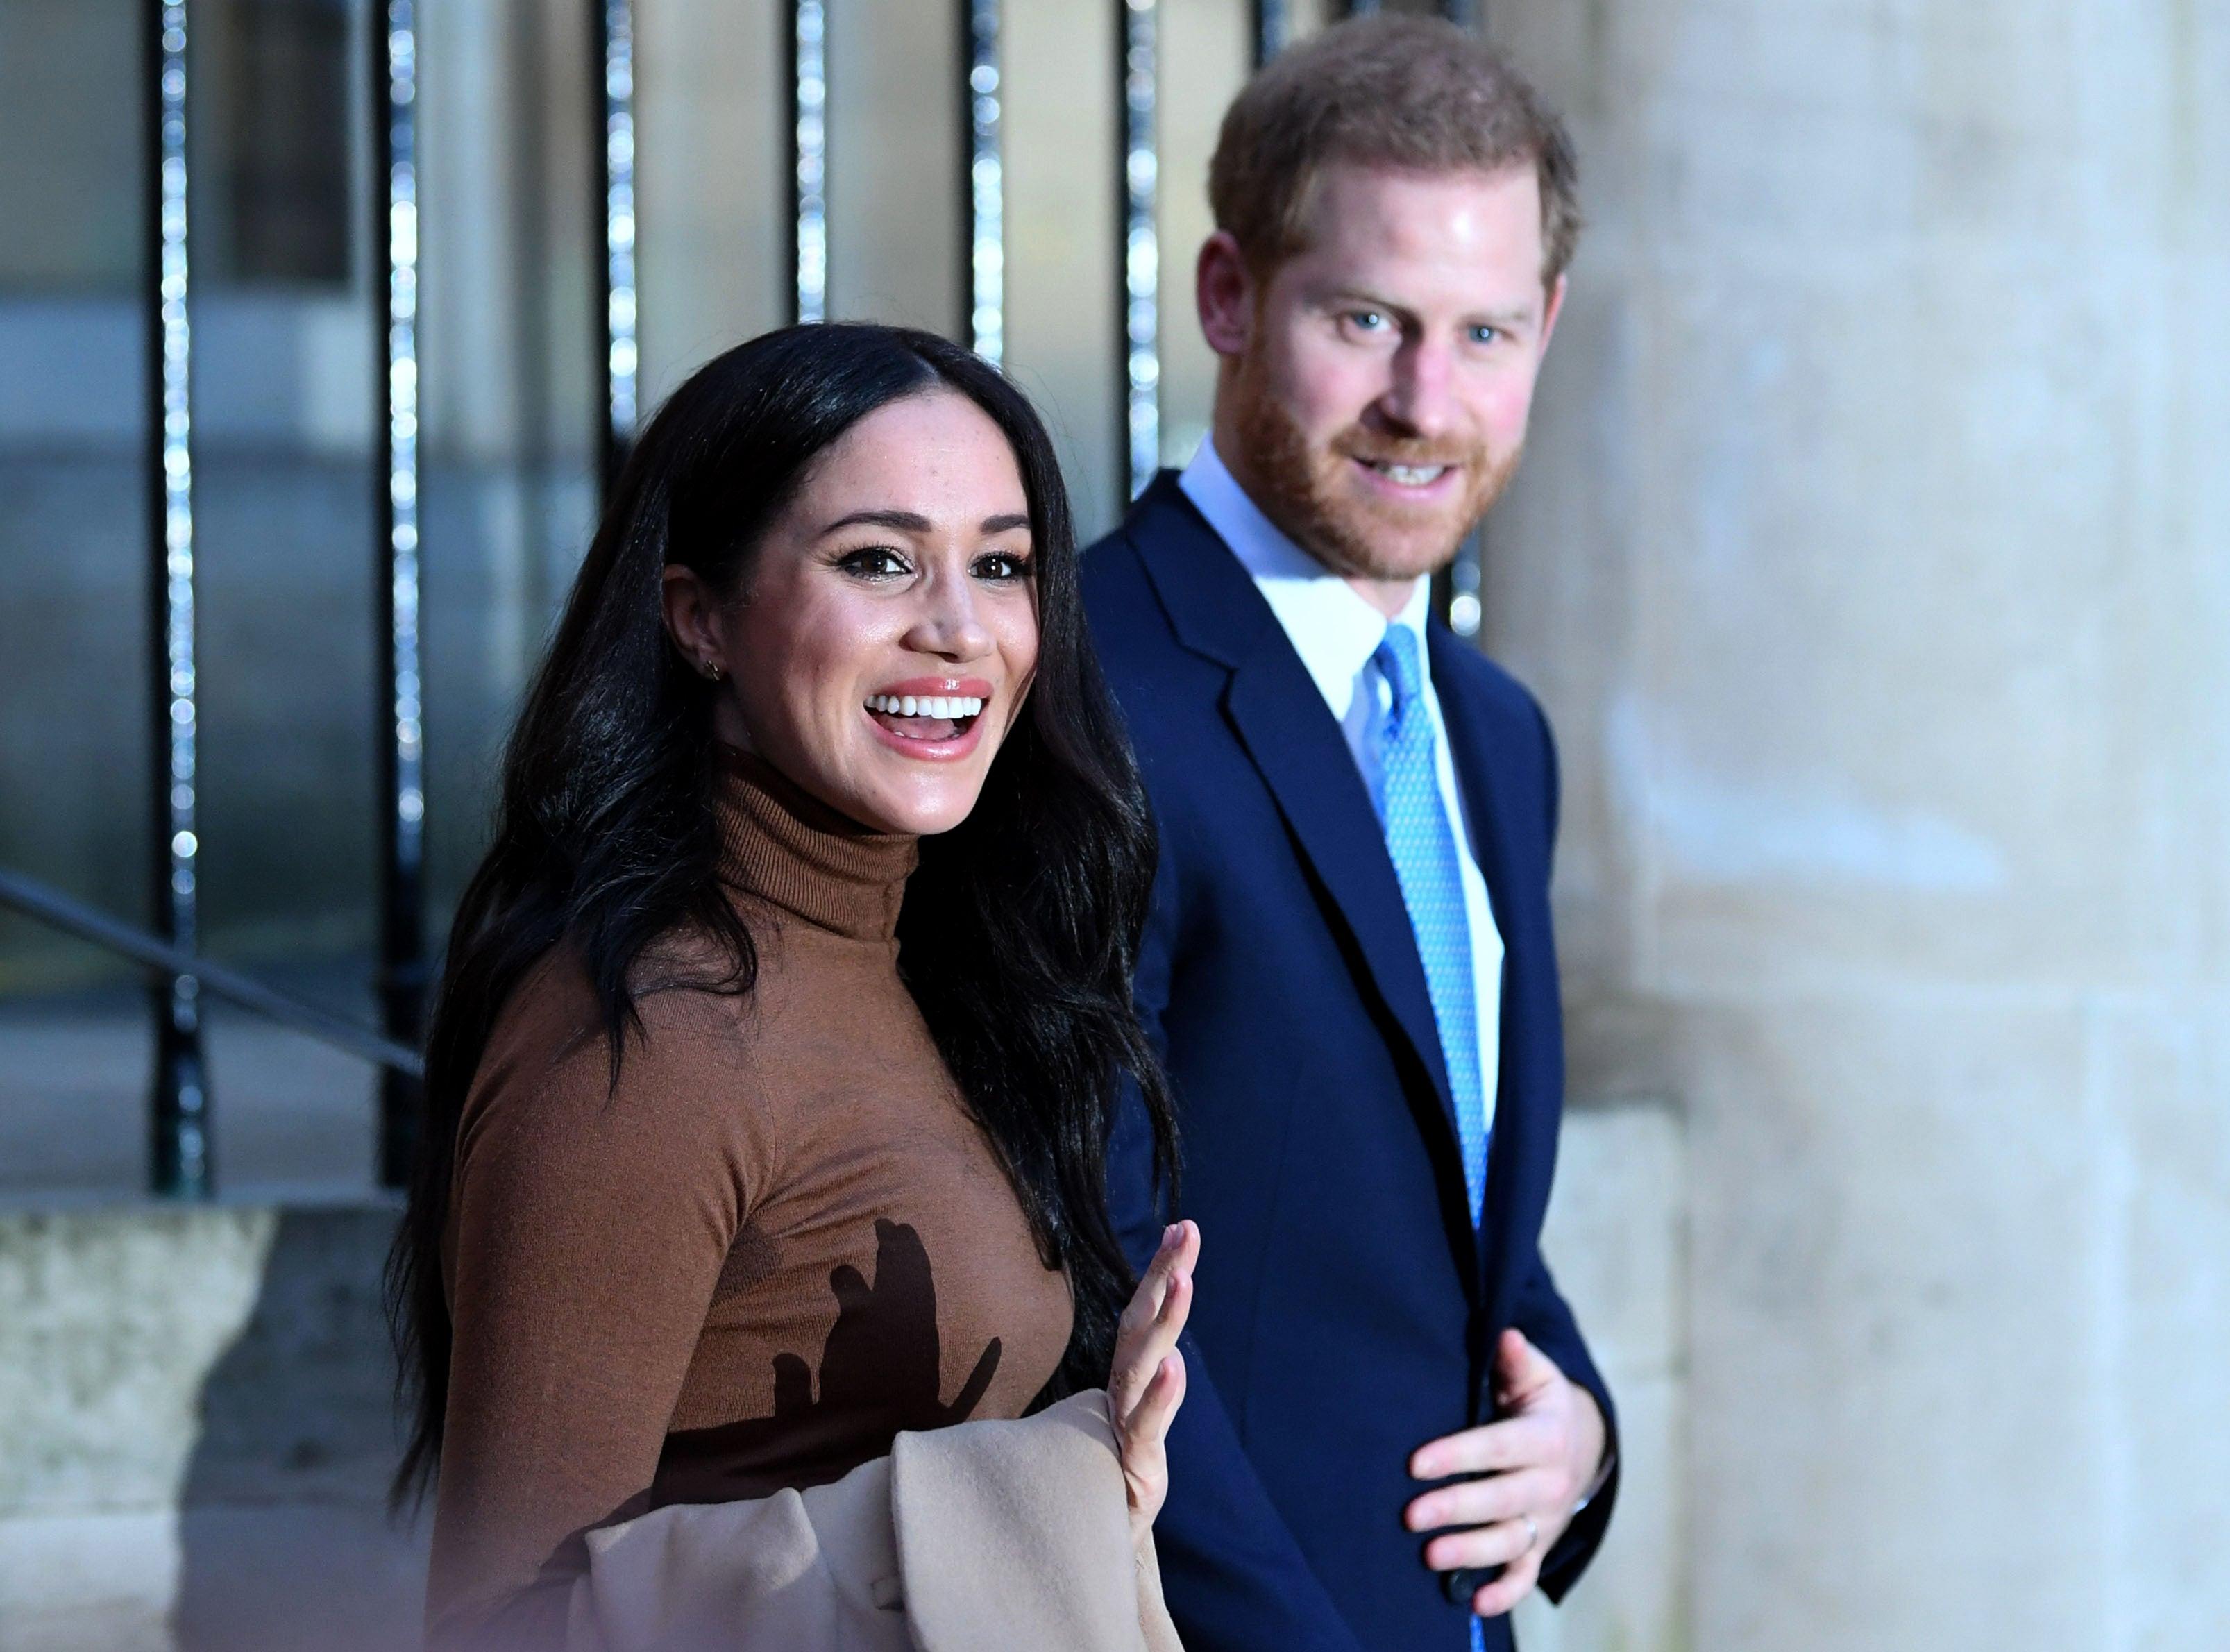 Harry a Meghan oznámili narození dcery, dostala jméno Lilibet Diana